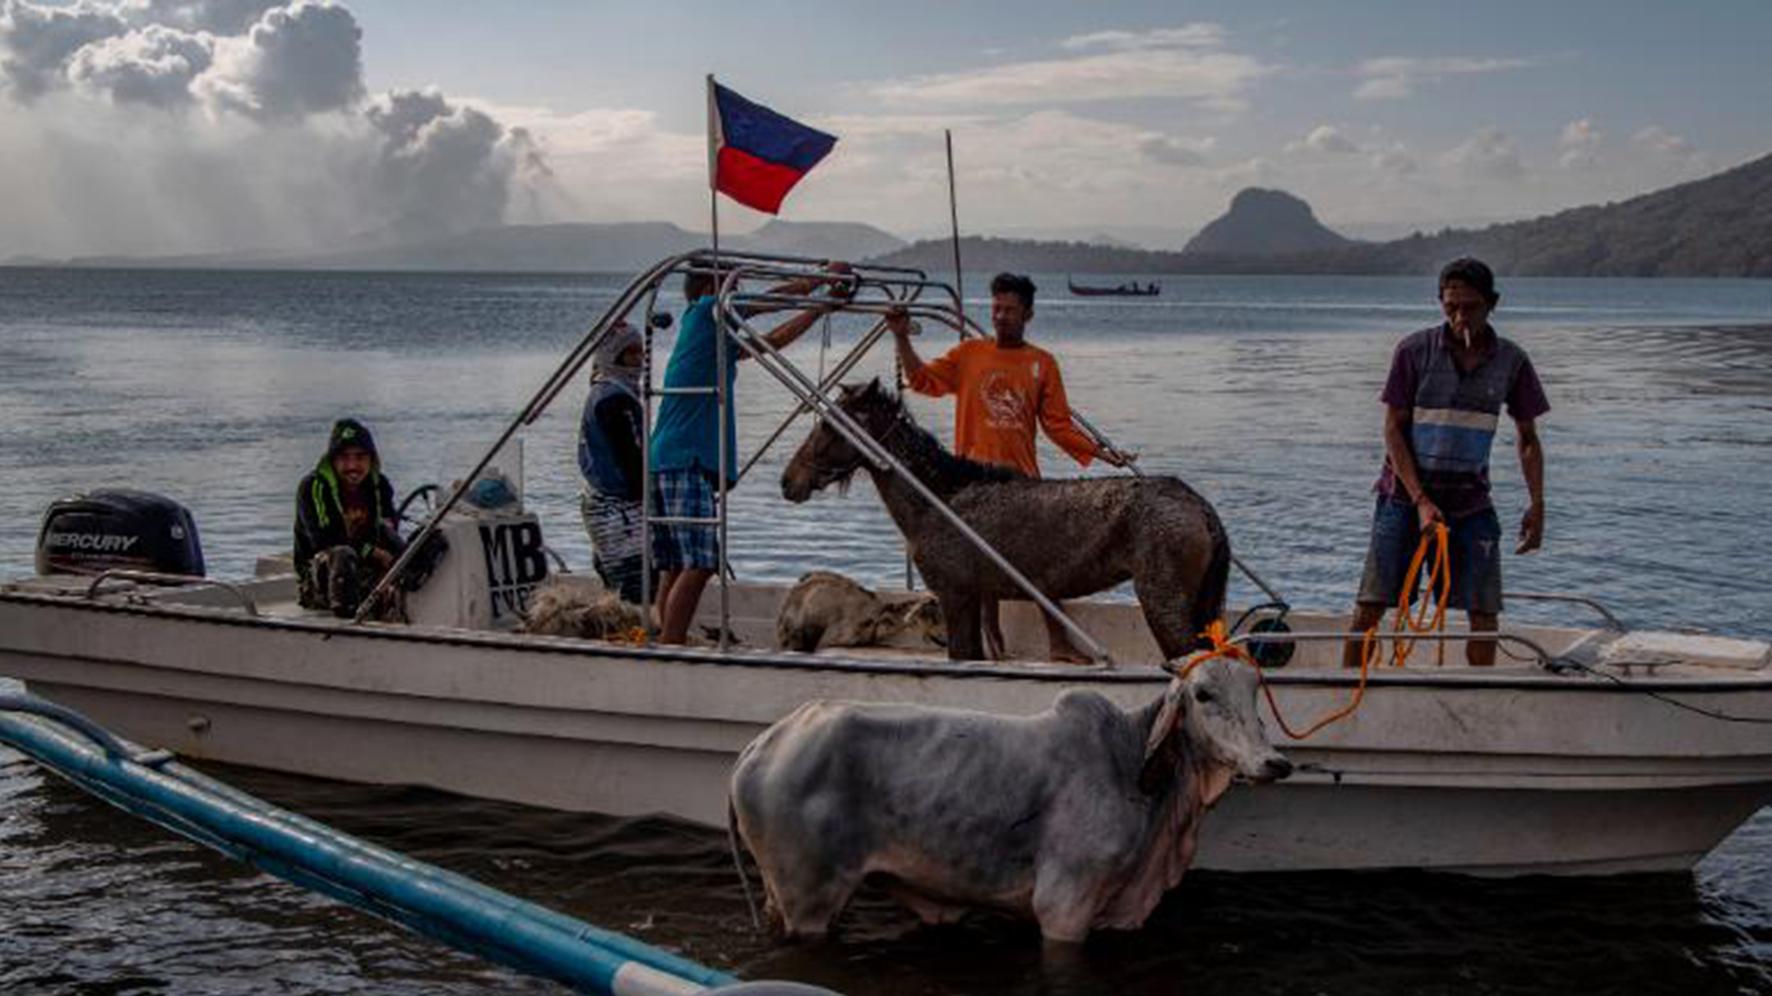 Vài con ngựa được được giải cứu từ khu vực gần miệng núi lửa Taal, đưa lên một chiếc thuyền. Hình của Ezra Acayan (nguồn: Getty Images).